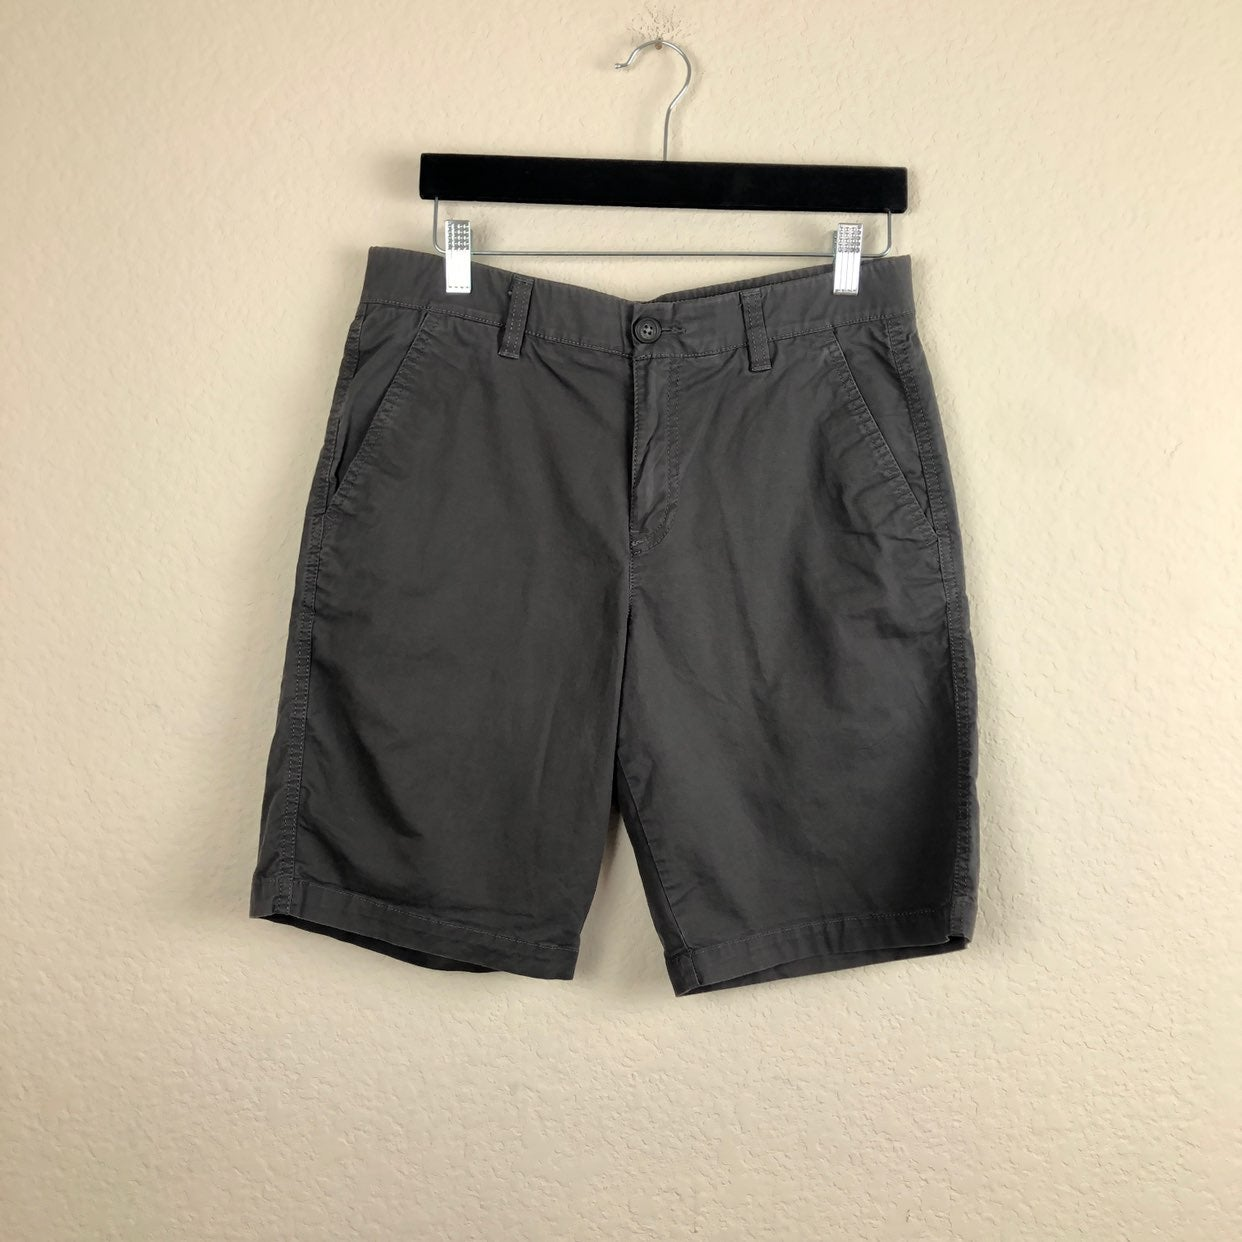 Marc Anthony Flex+ Gray Shorts 30